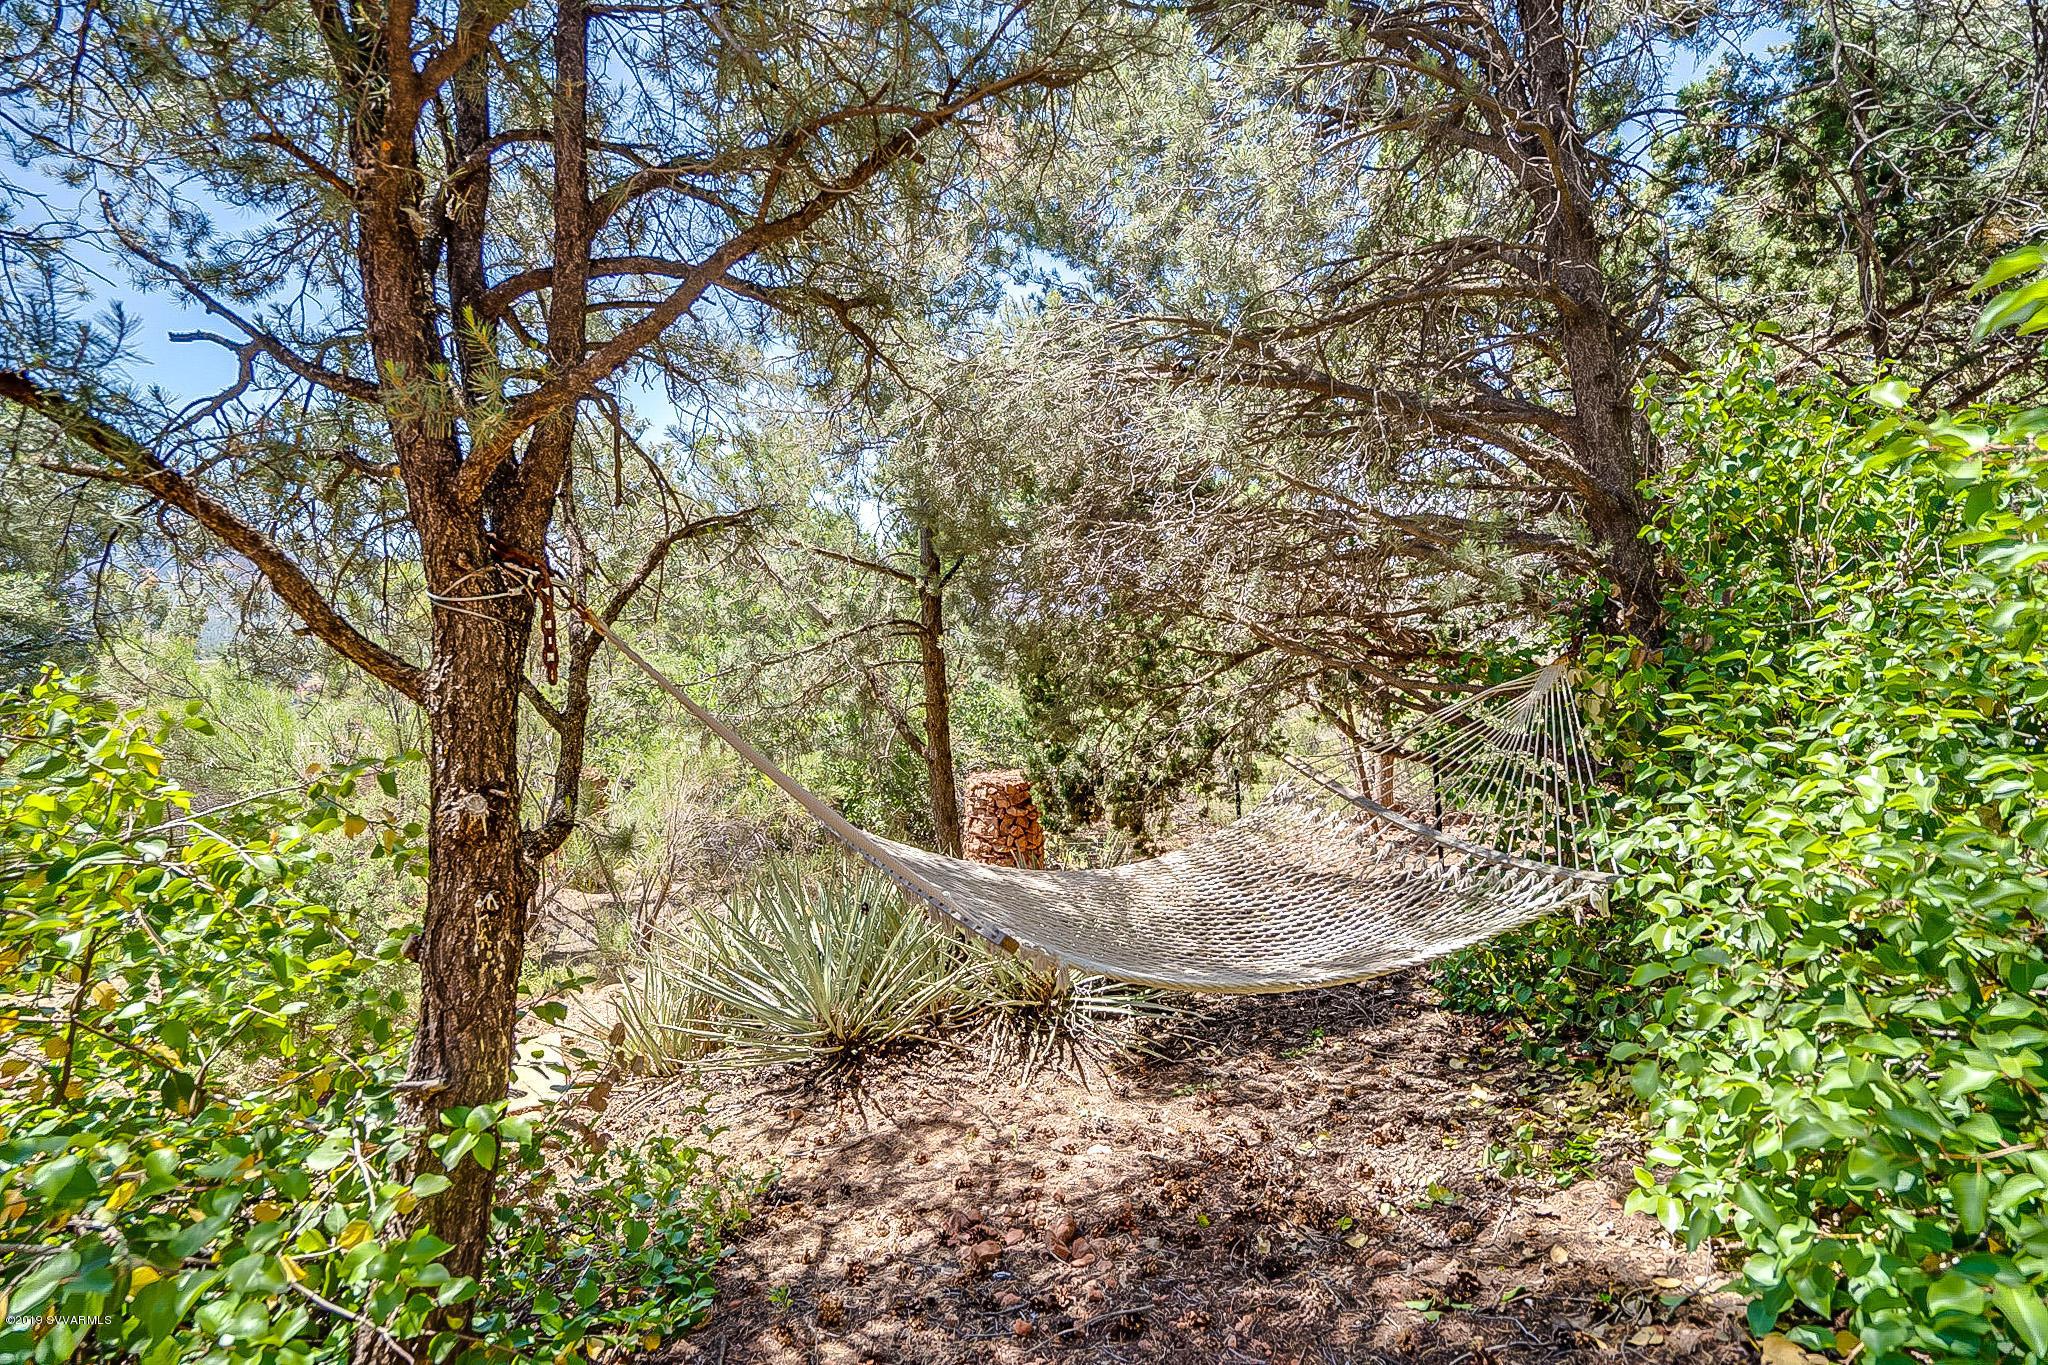 711 Forest Rd Sedona, AZ 86336